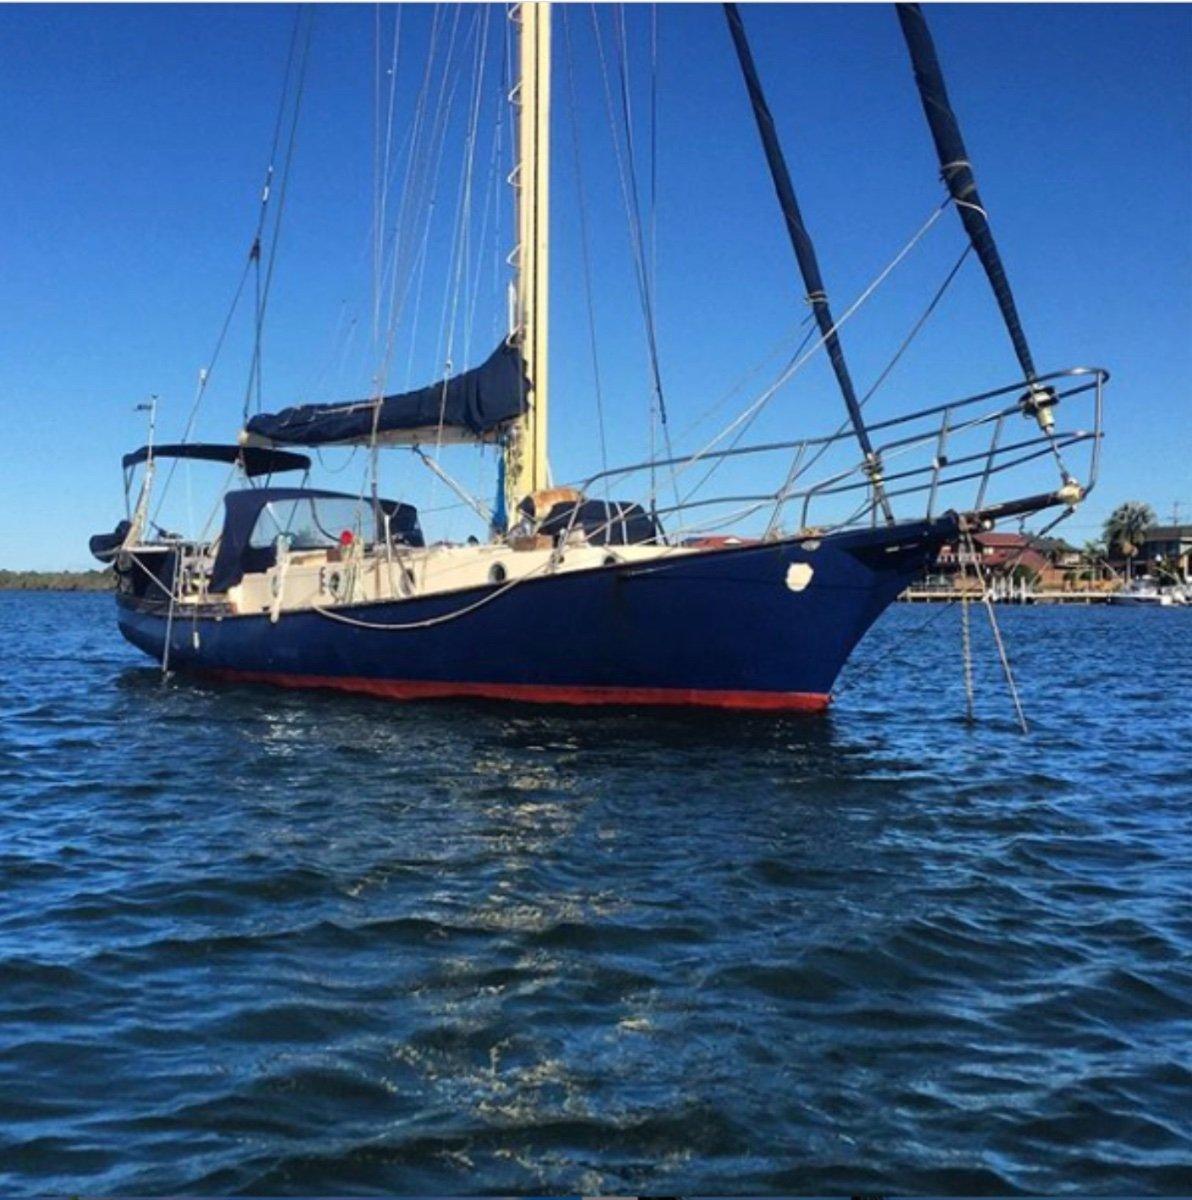 Herreshoff Nereia 38ft set up ready to go cruising or liveaboard